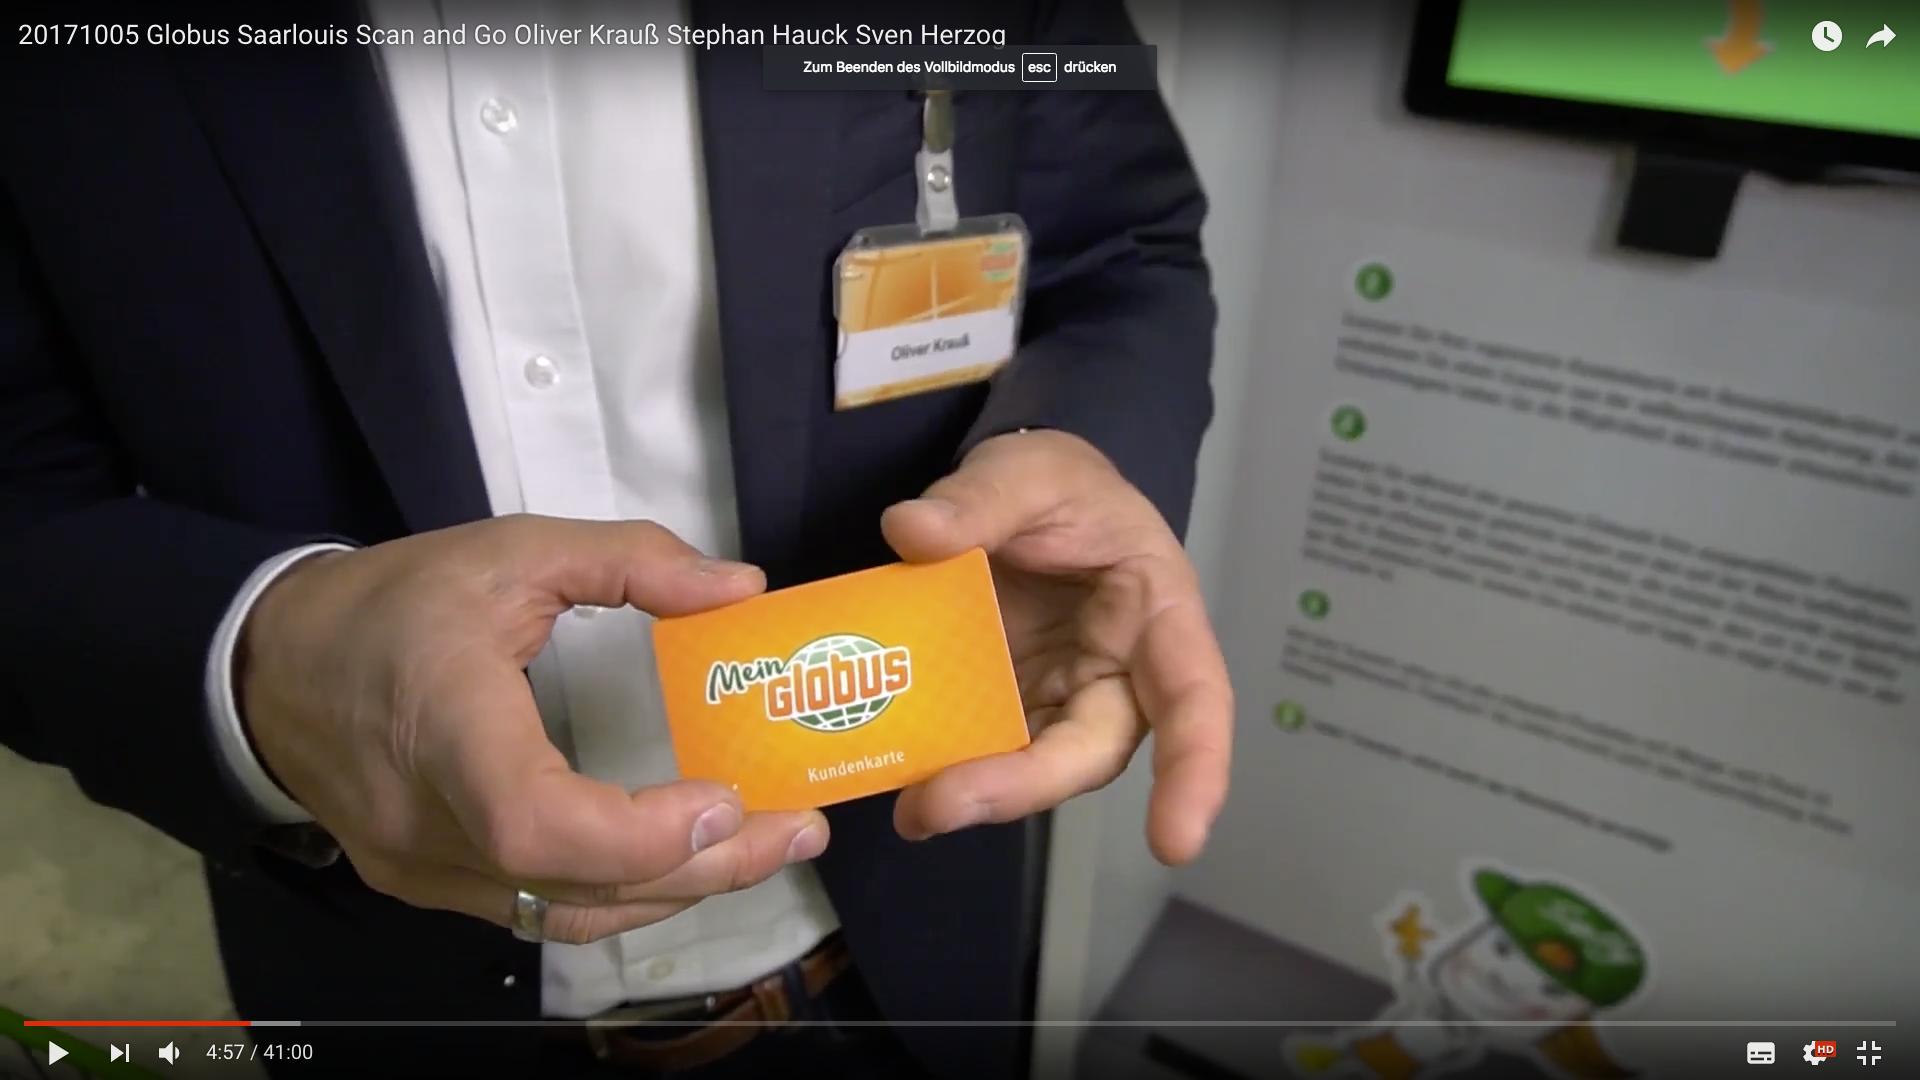 2017 Globus Scan and Go Kundenkarte_MSM_MEDIEN_SAAR_MOSEL_SAARLAND_FERNSEHEN_1_ED_SAAR